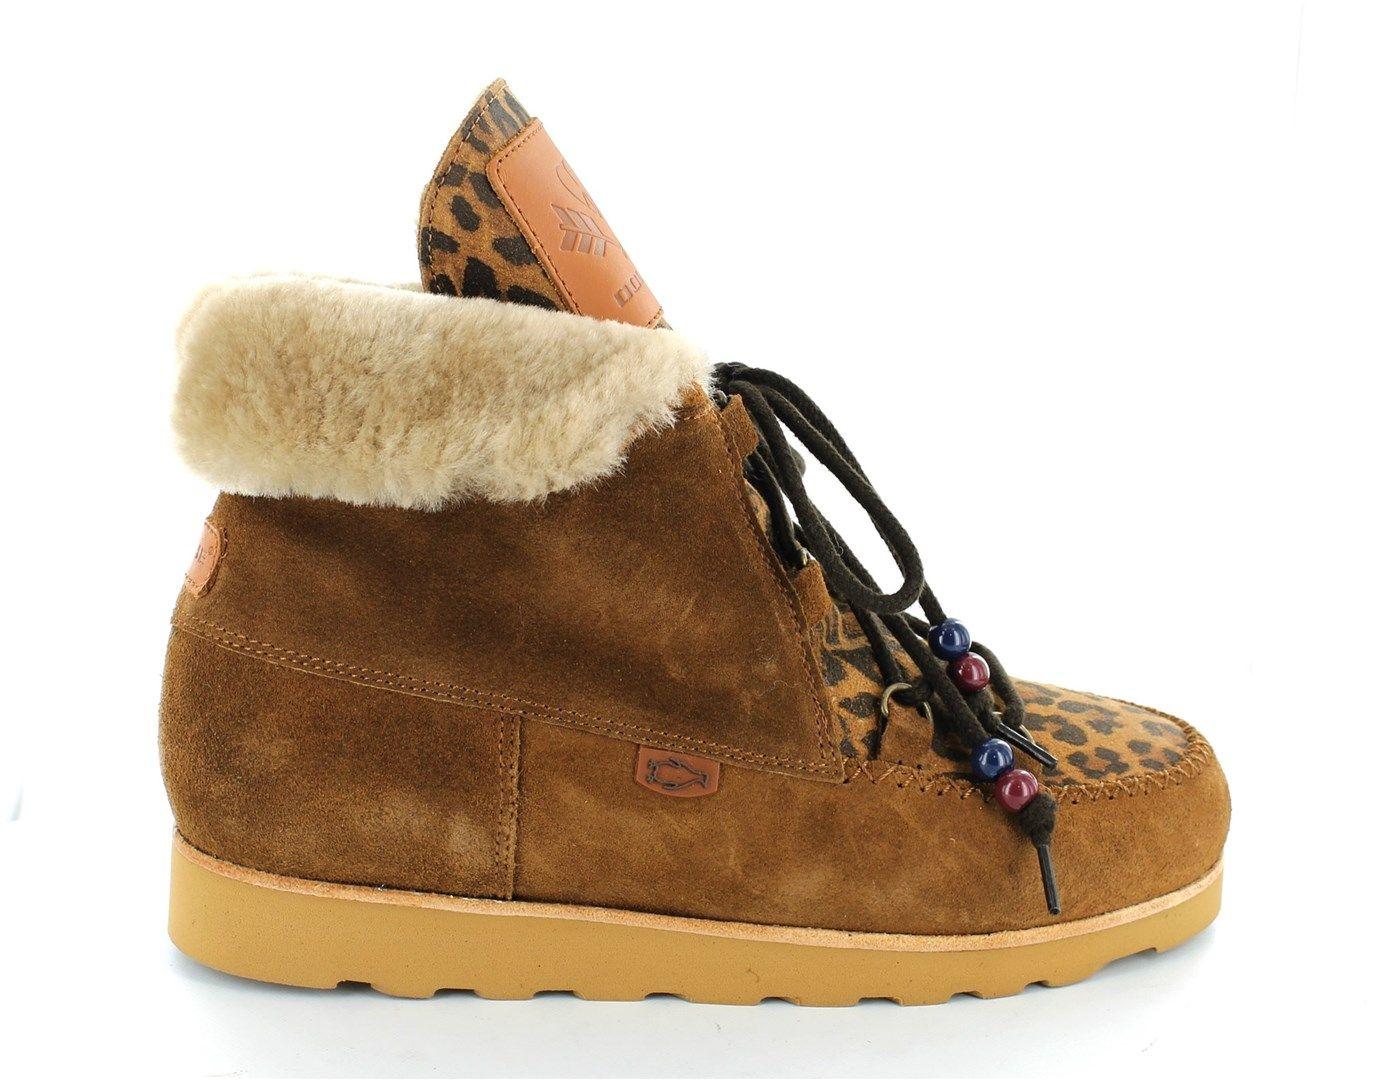 Kinderschoenen Bestellen.Dolfie Cognac Maat 40 99 98 Online Schoenen Bestellen Van